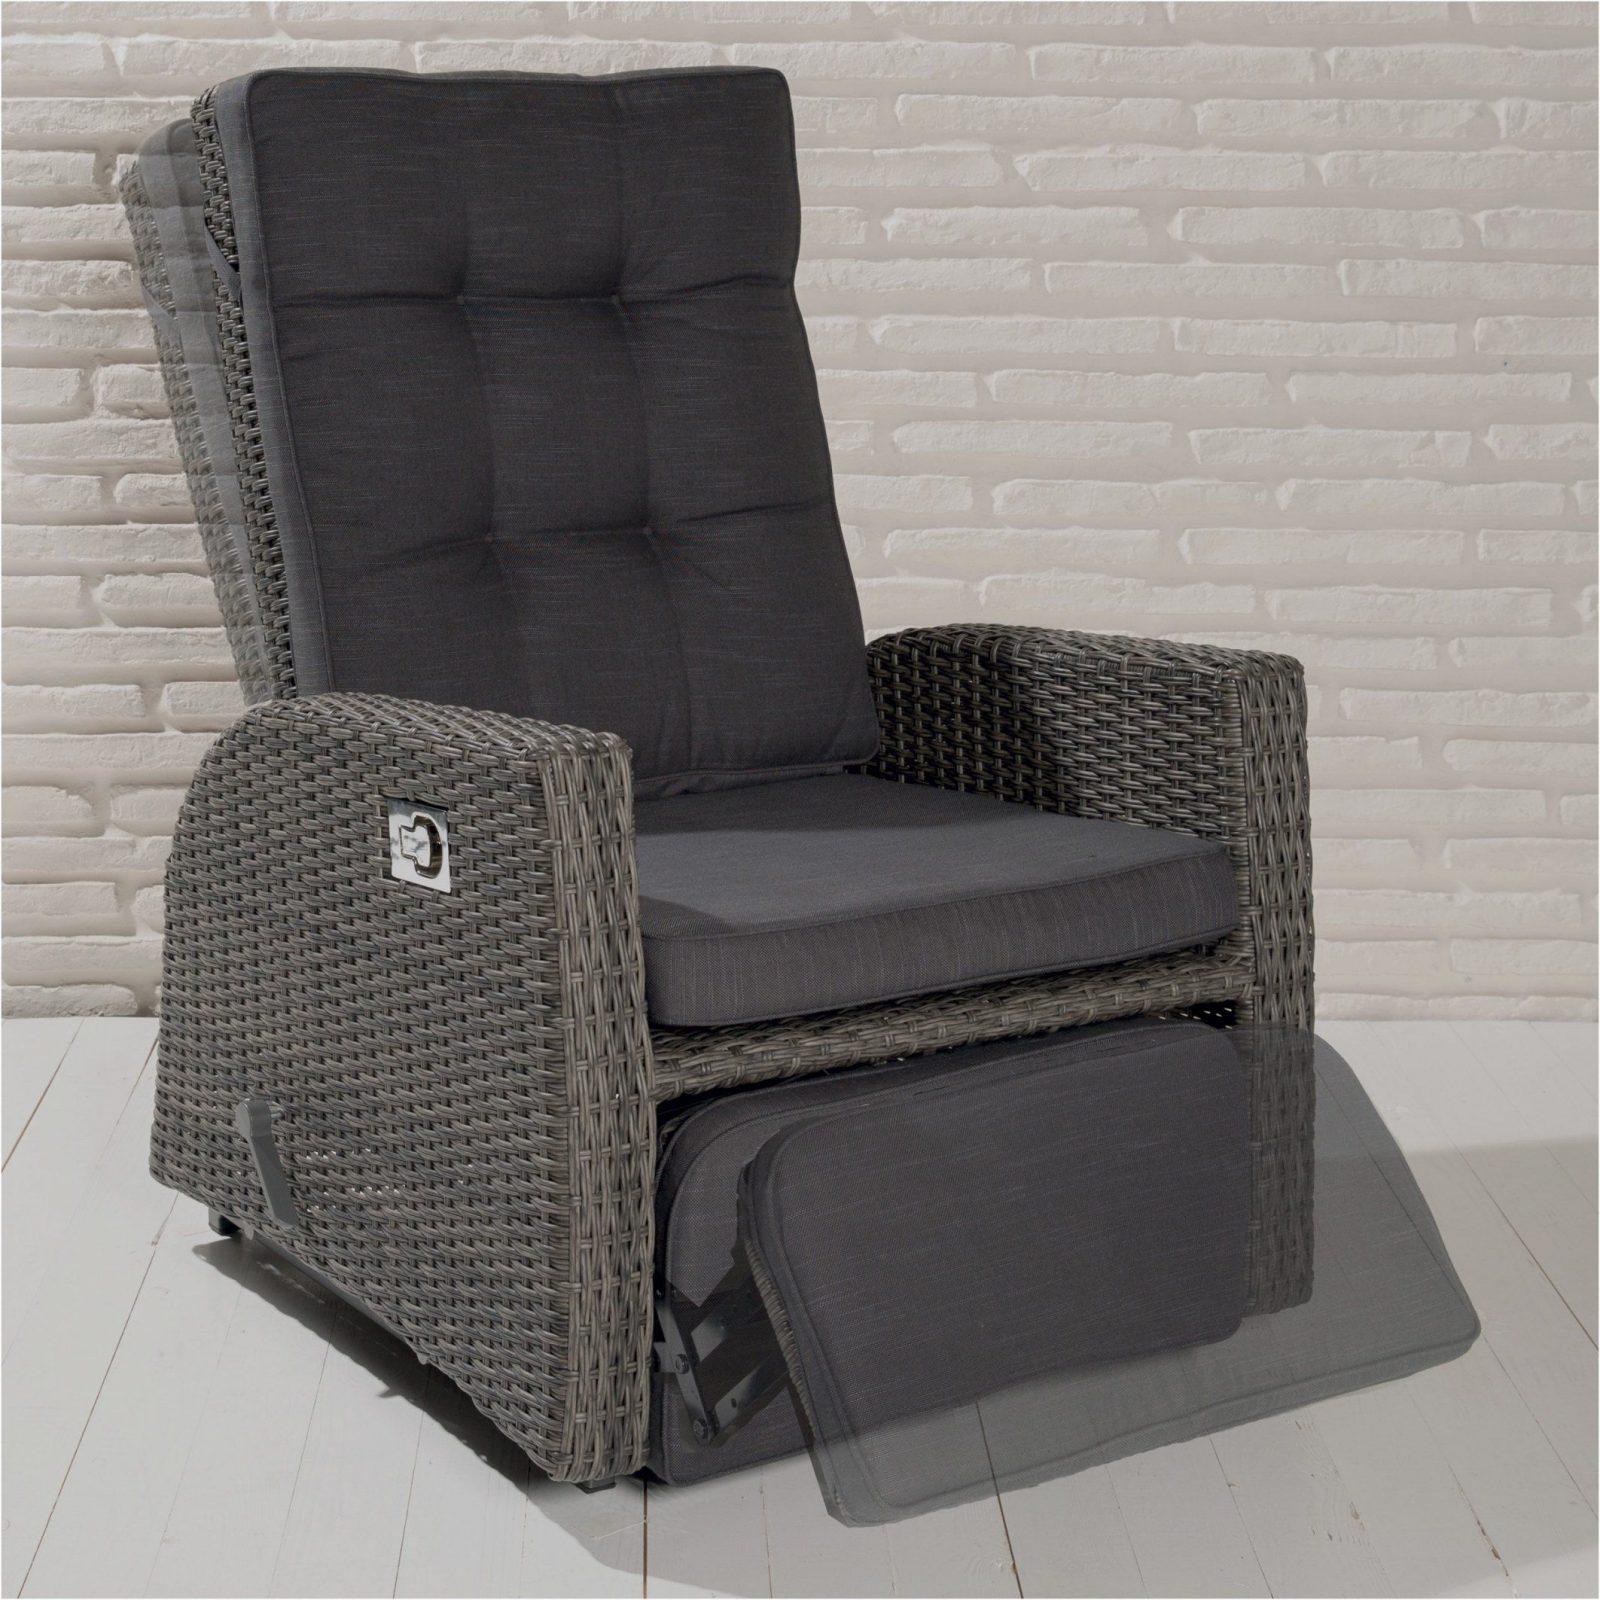 Polyrattan Stuhl Grau Das Beste Von Polyrattan Sessel Verstellbarer von Polyrattan Sessel